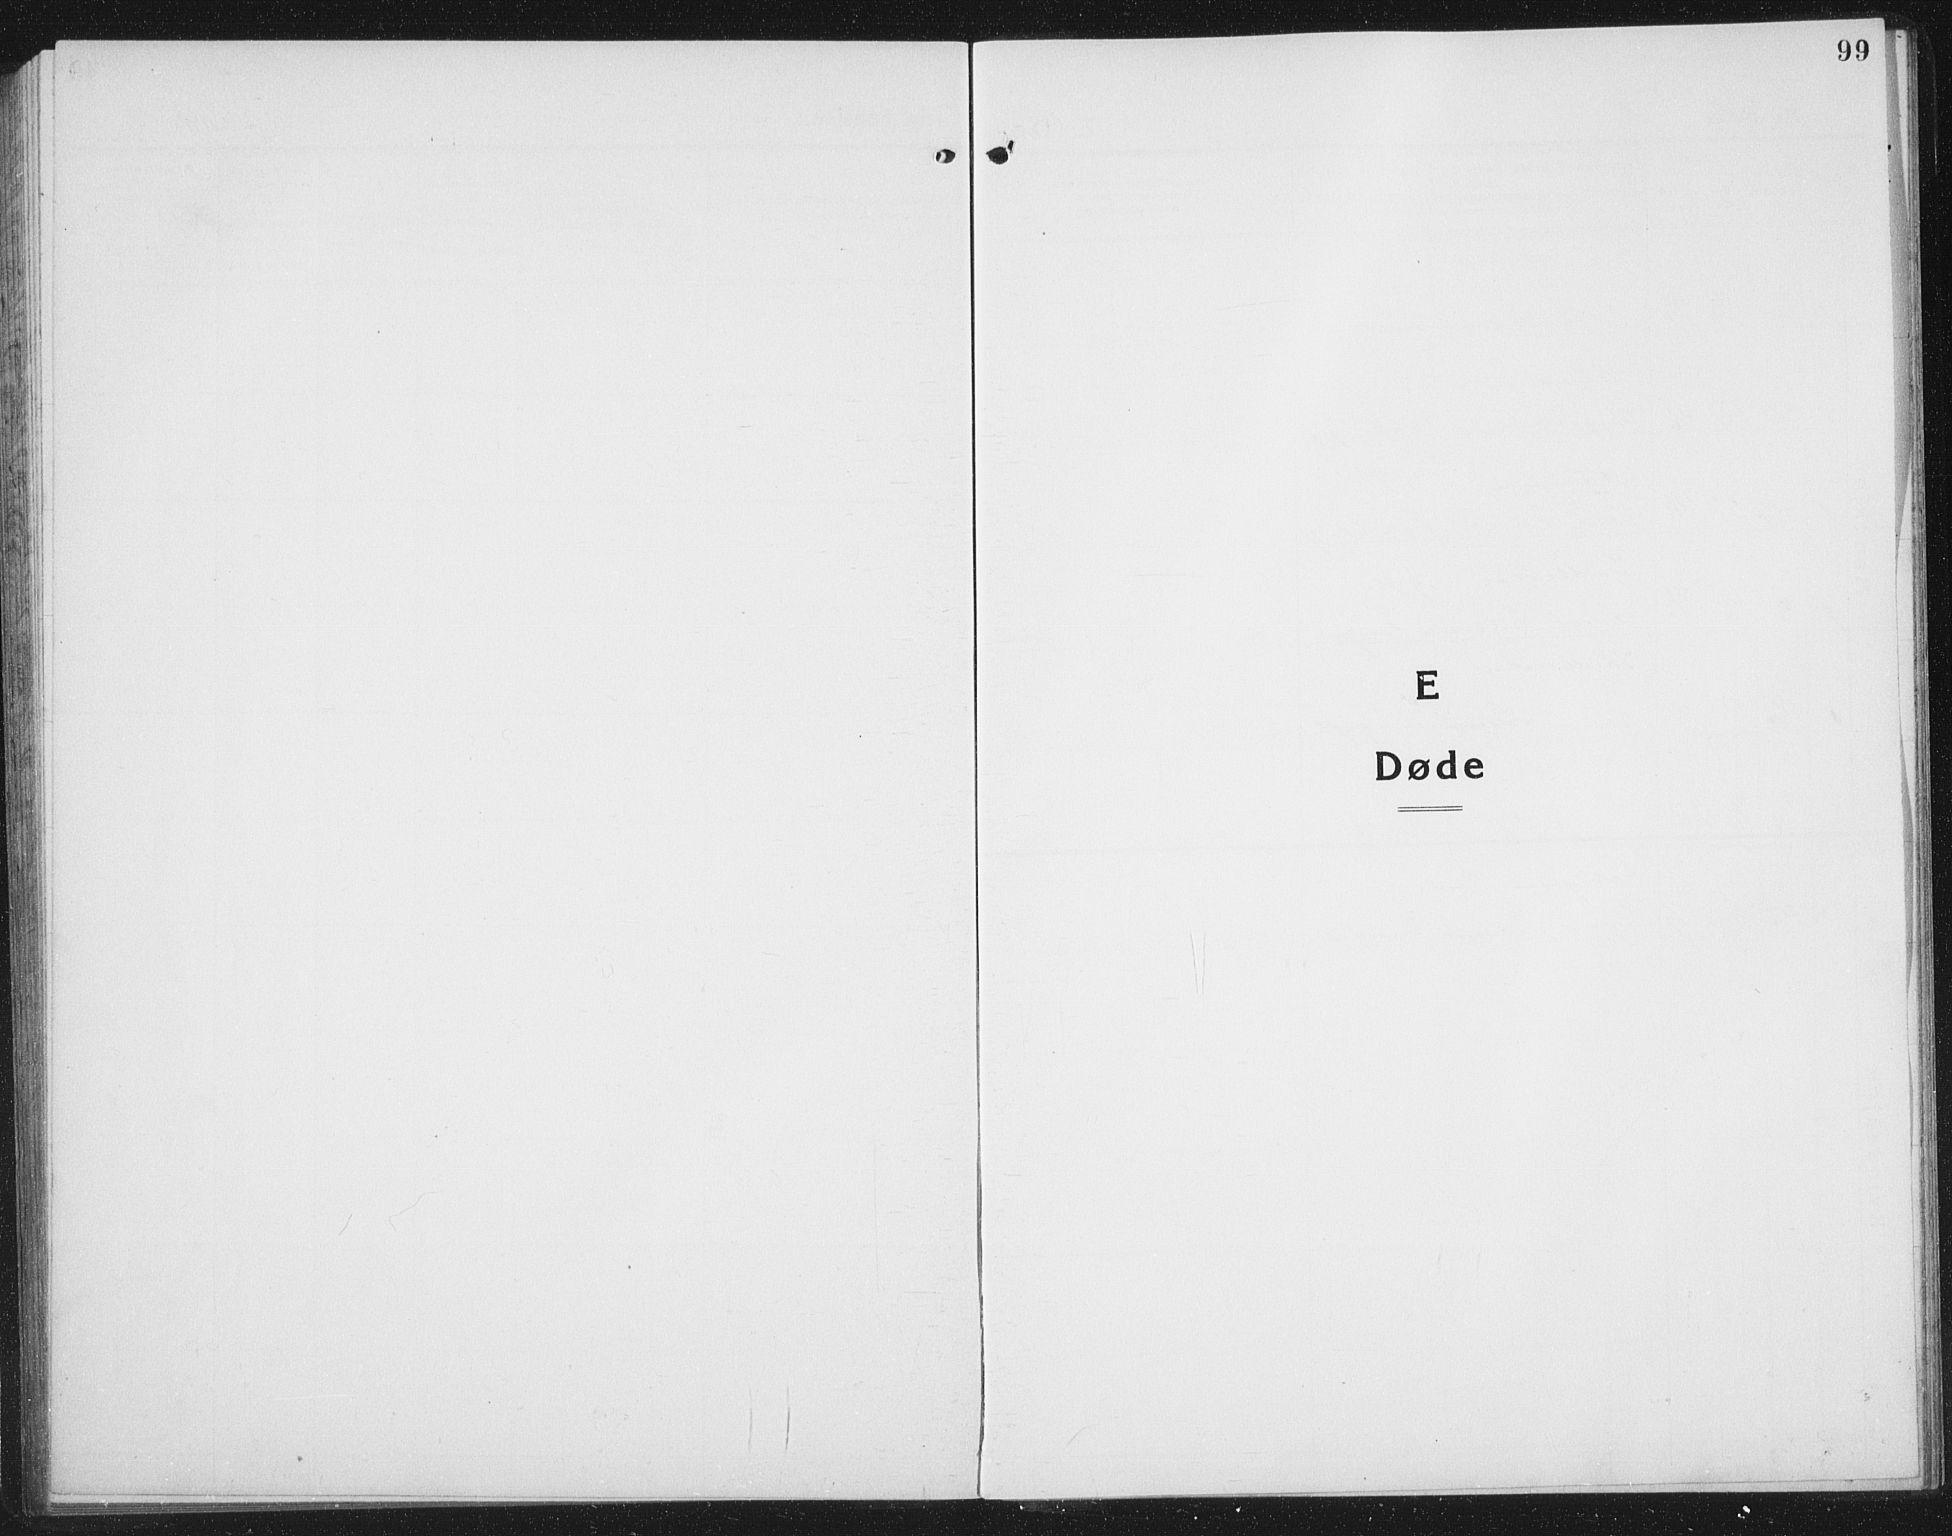 SAT, Ministerialprotokoller, klokkerbøker og fødselsregistre - Nord-Trøndelag, 757/L0507: Klokkerbok nr. 757C02, 1923-1939, s. 99